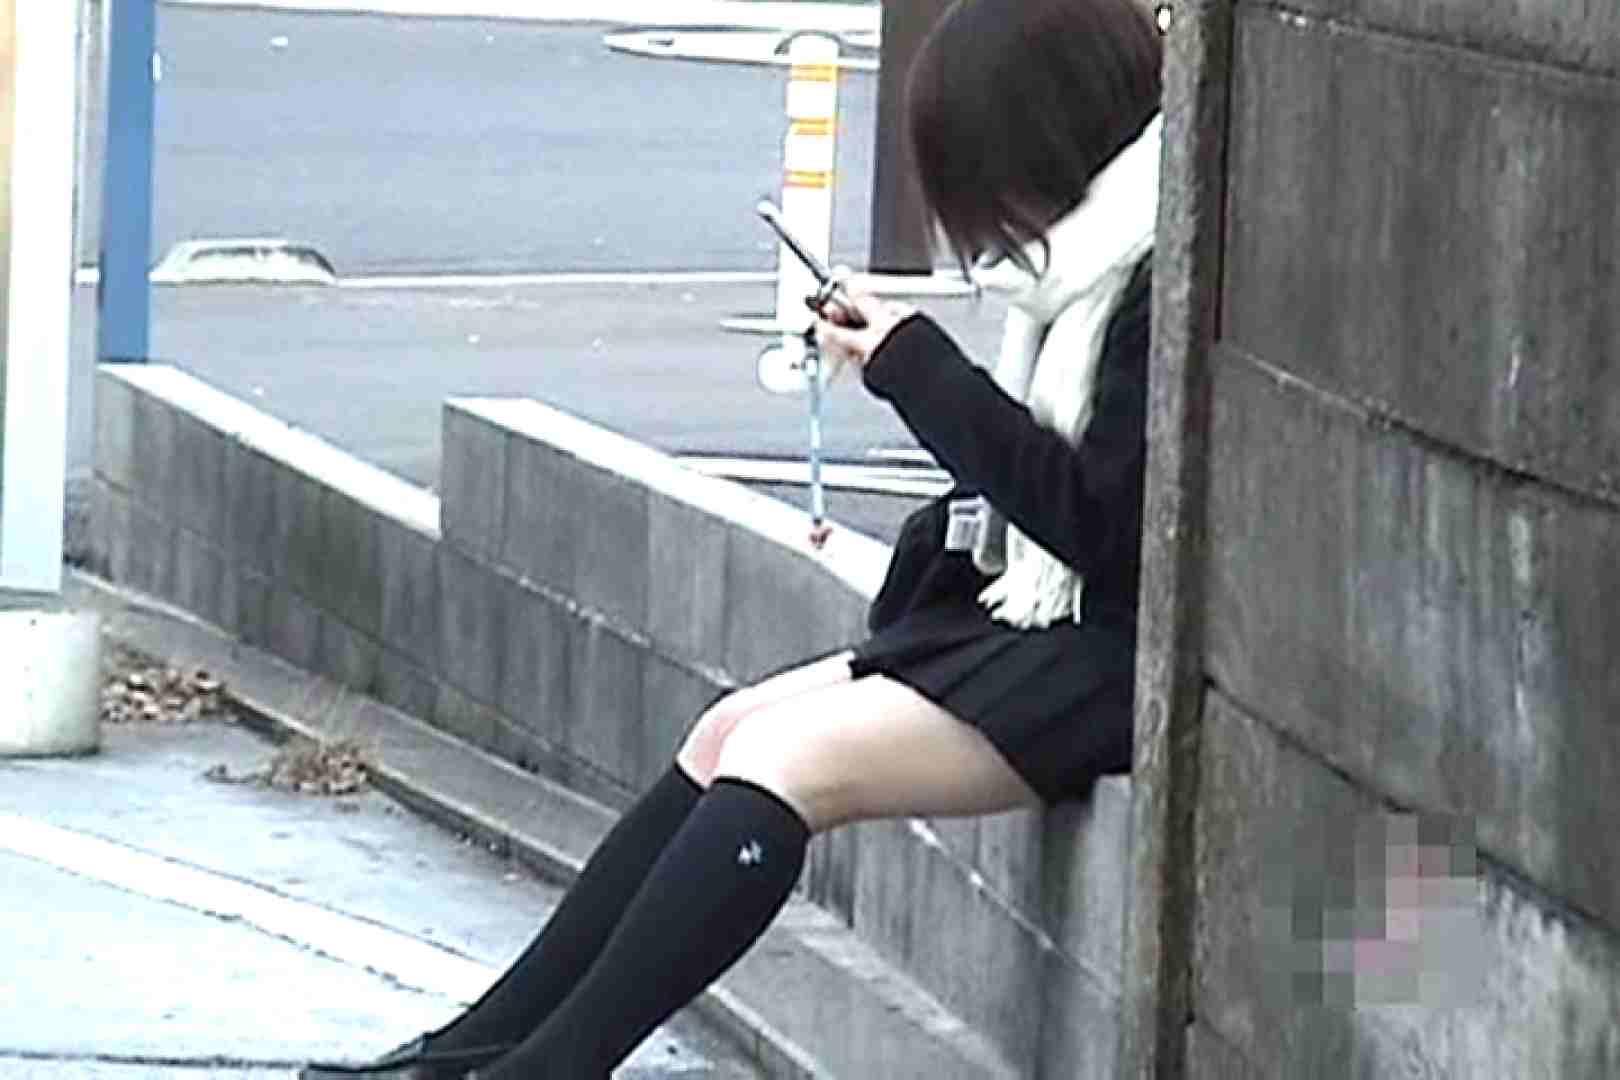 マンチラインパクトVol.12 ギャルの実態 盗撮ヌード画像 102pic 71